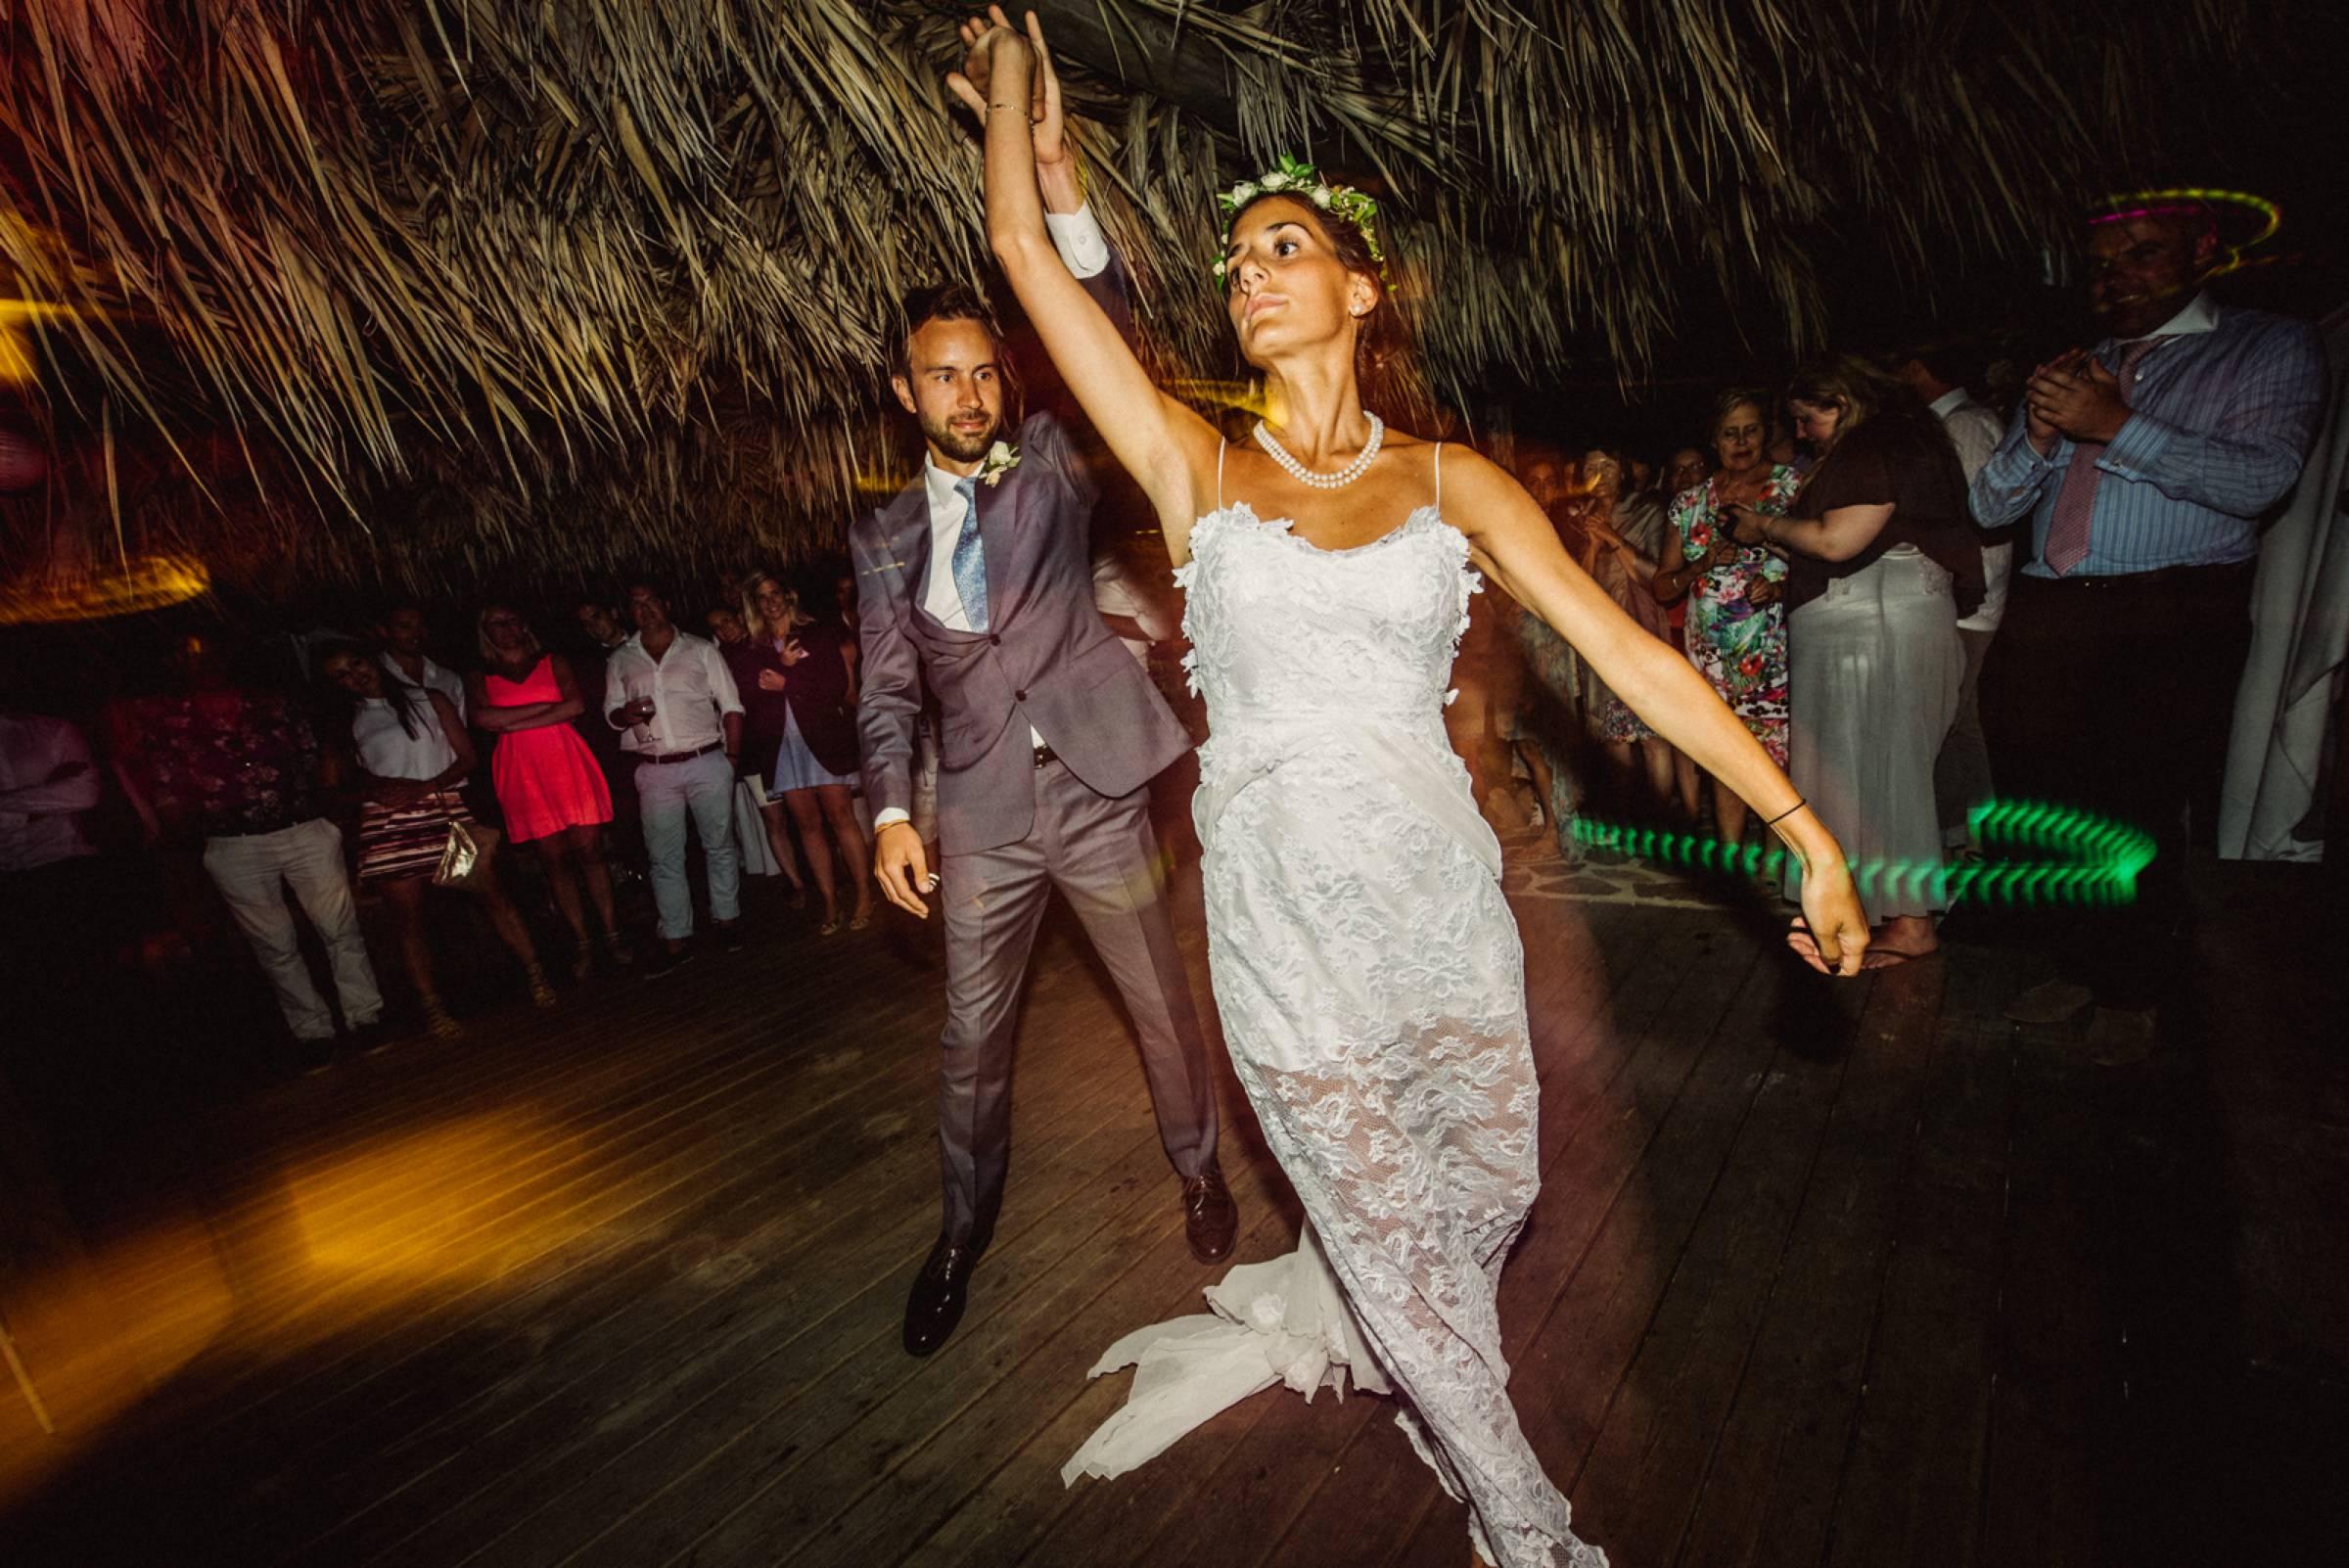 Hochzeitstanz auf Korsika in Frankreich